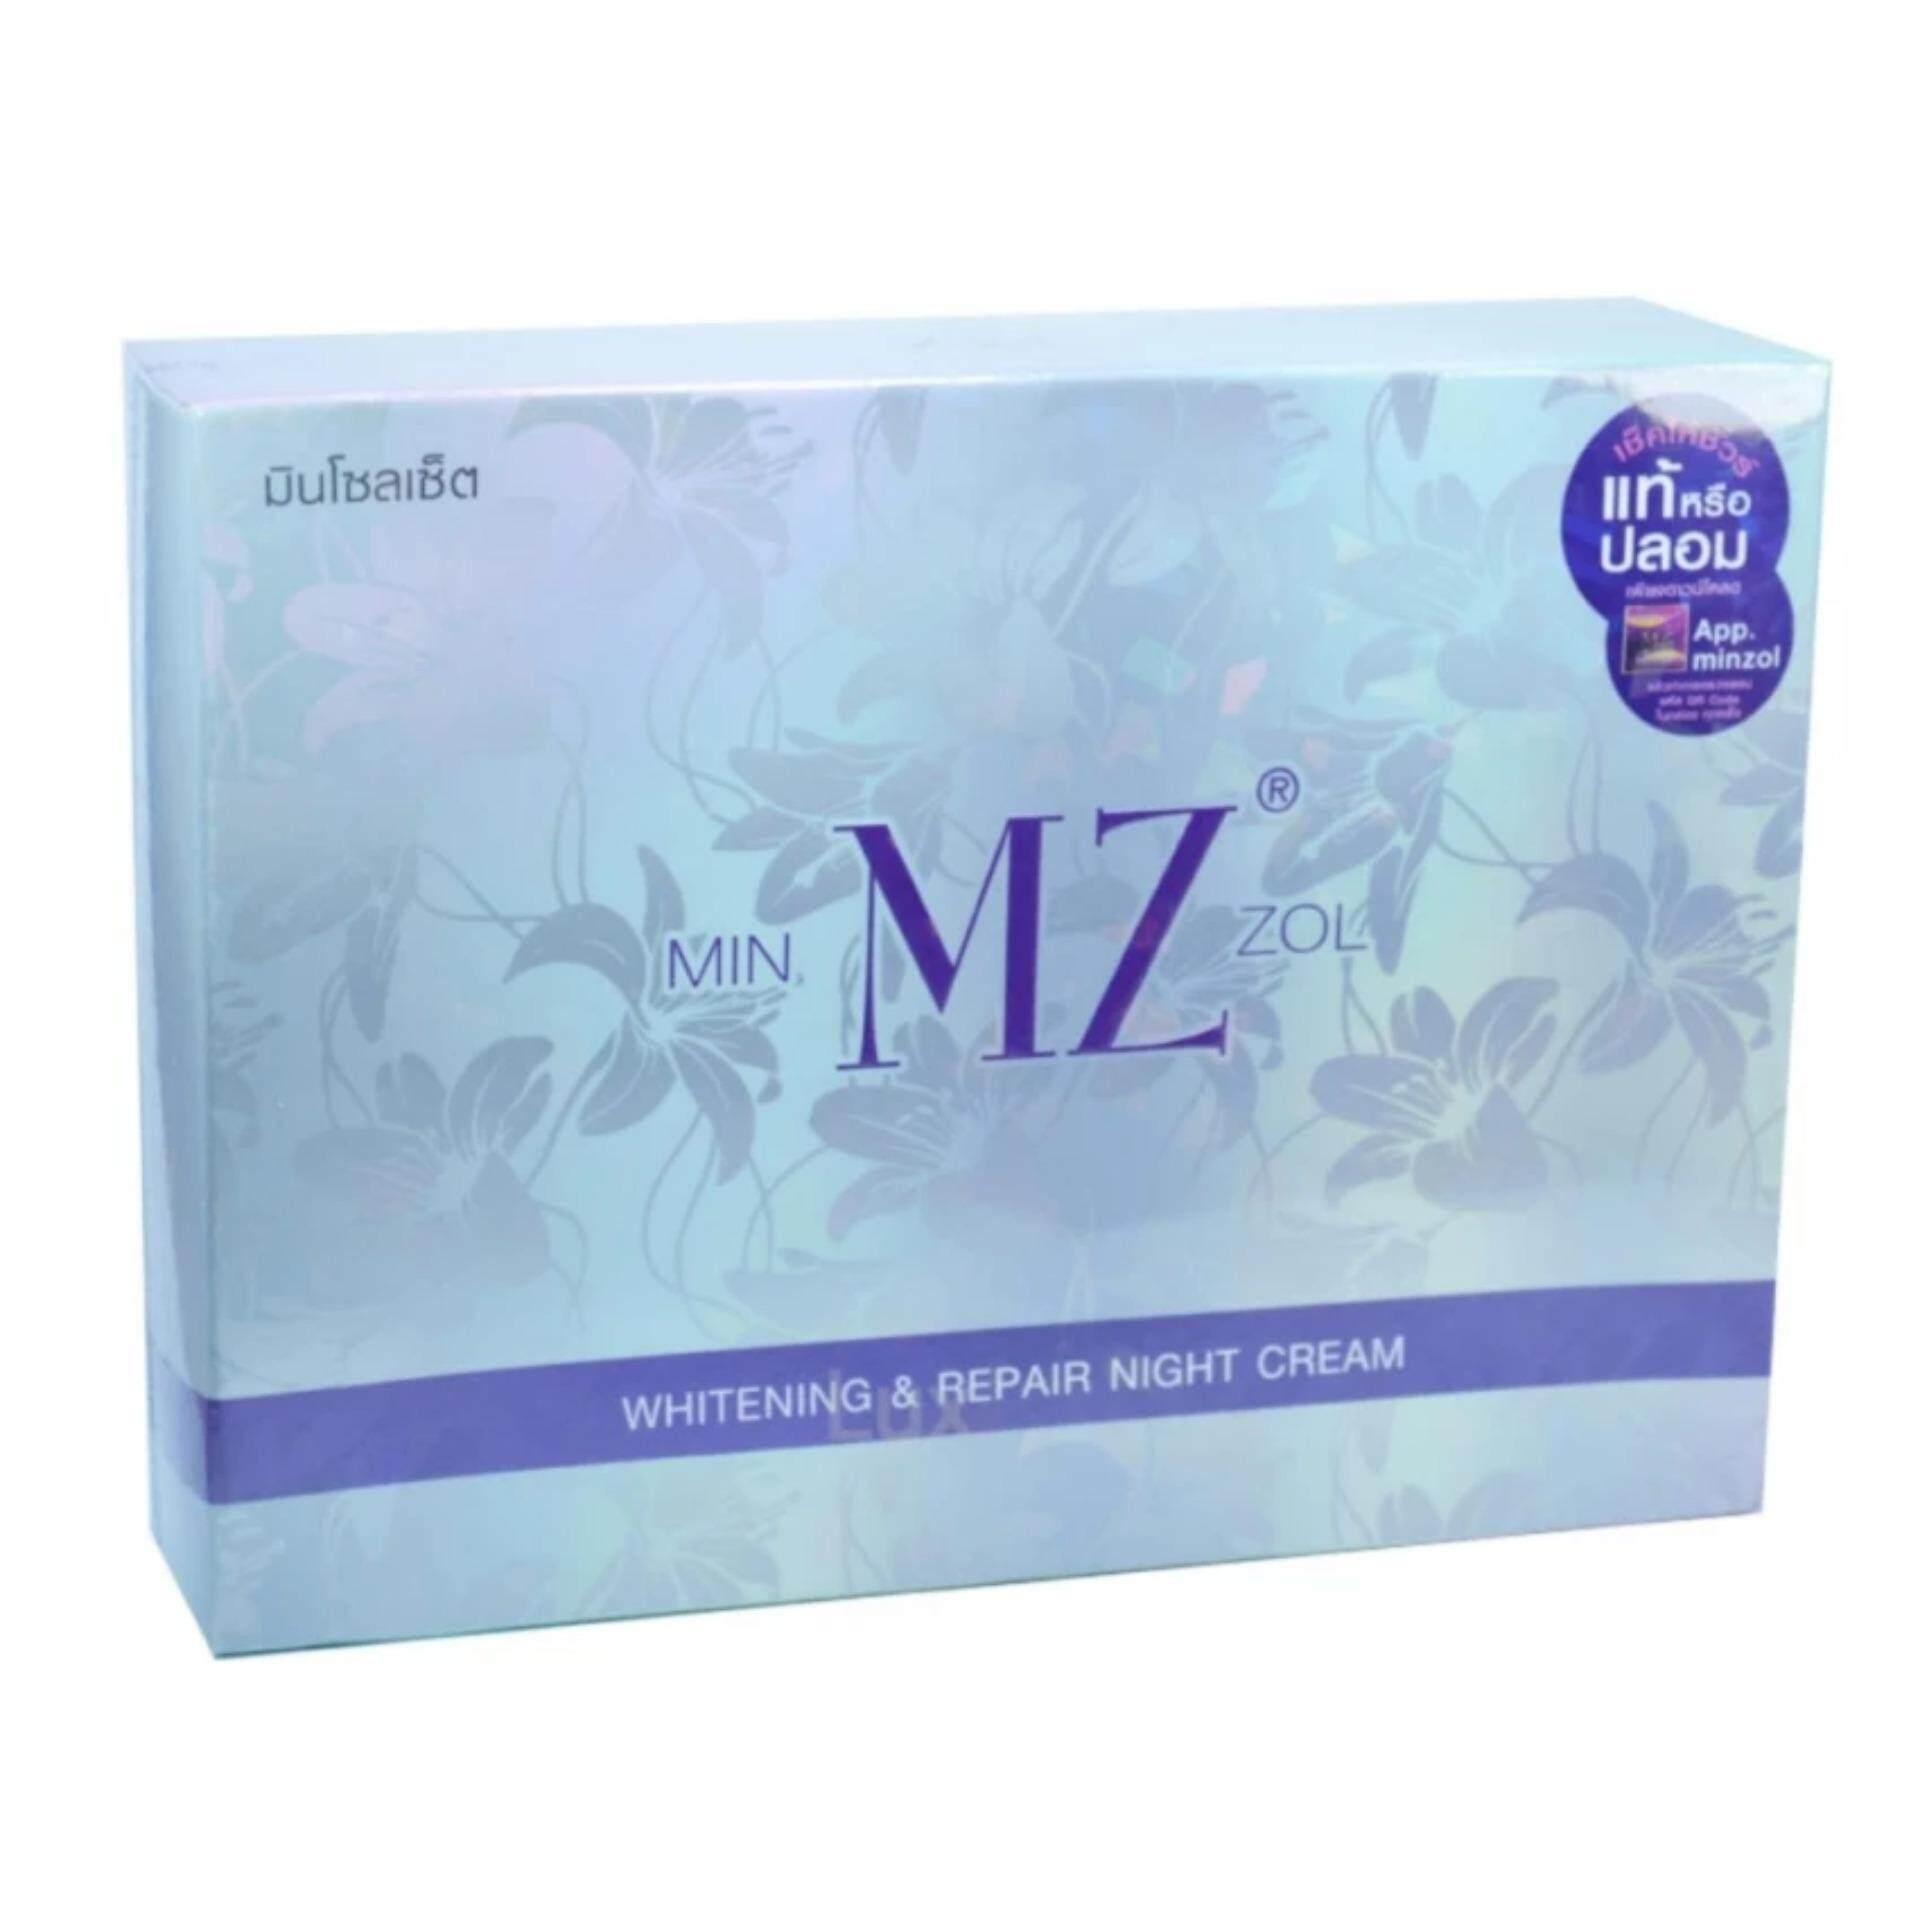 ครีมหน้าขาว-MinZol ครีมมินโซว หน้าขาว กระจ่างใส ไร้สิว x1เซ็ท (ของแท้100%)